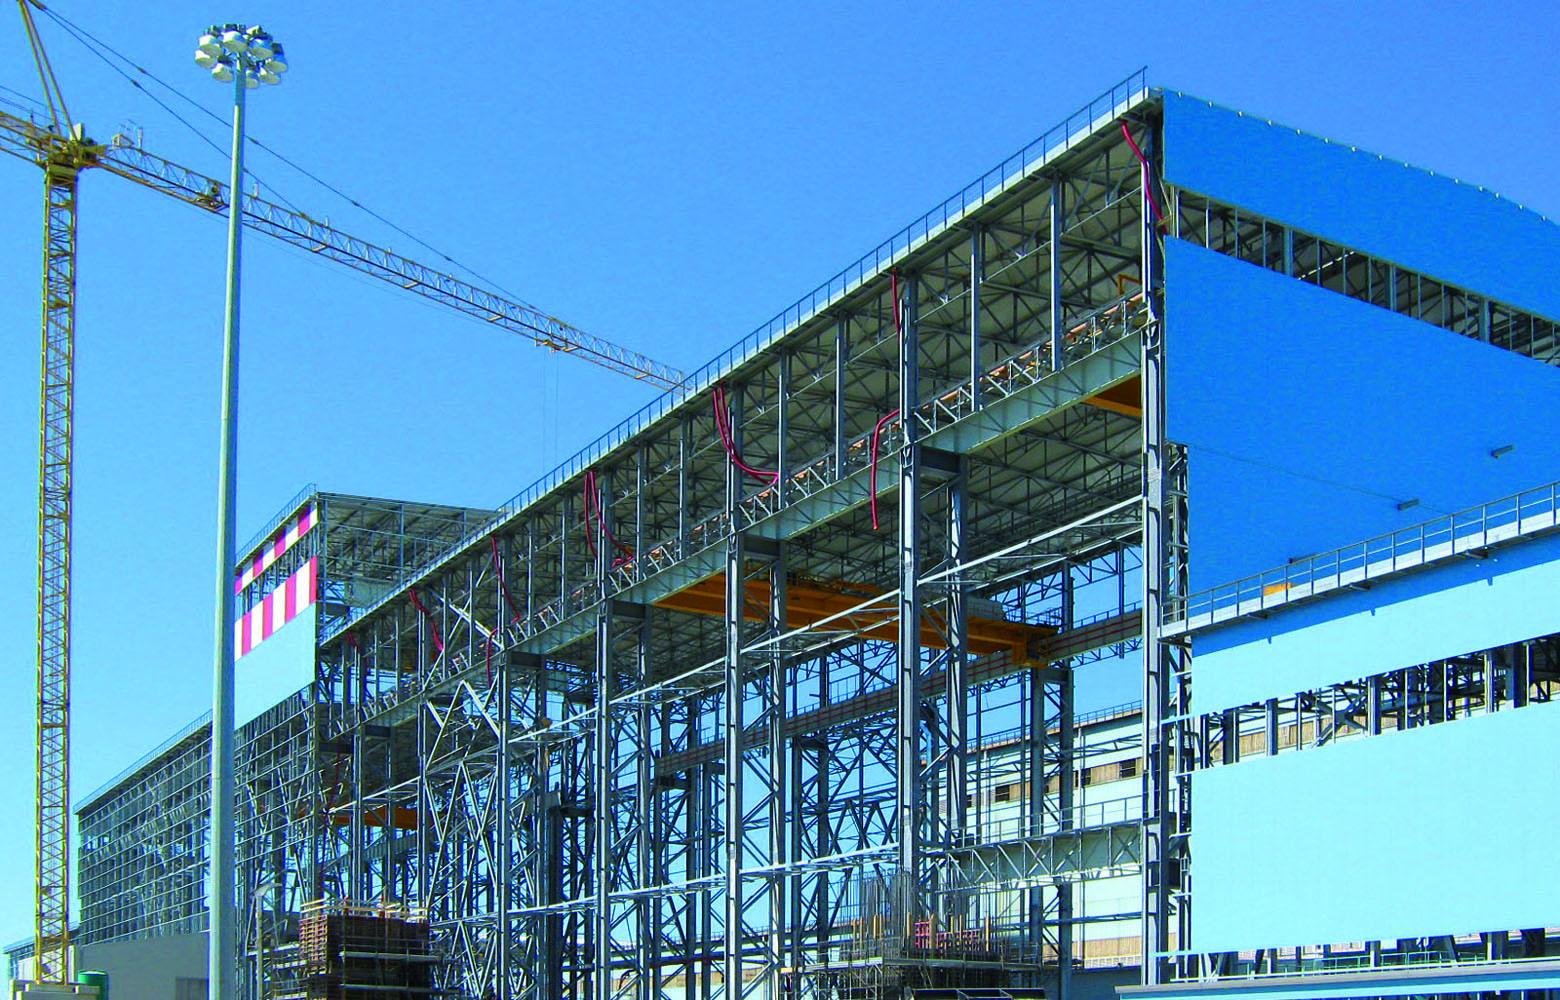 10 - 29 maggio 2009